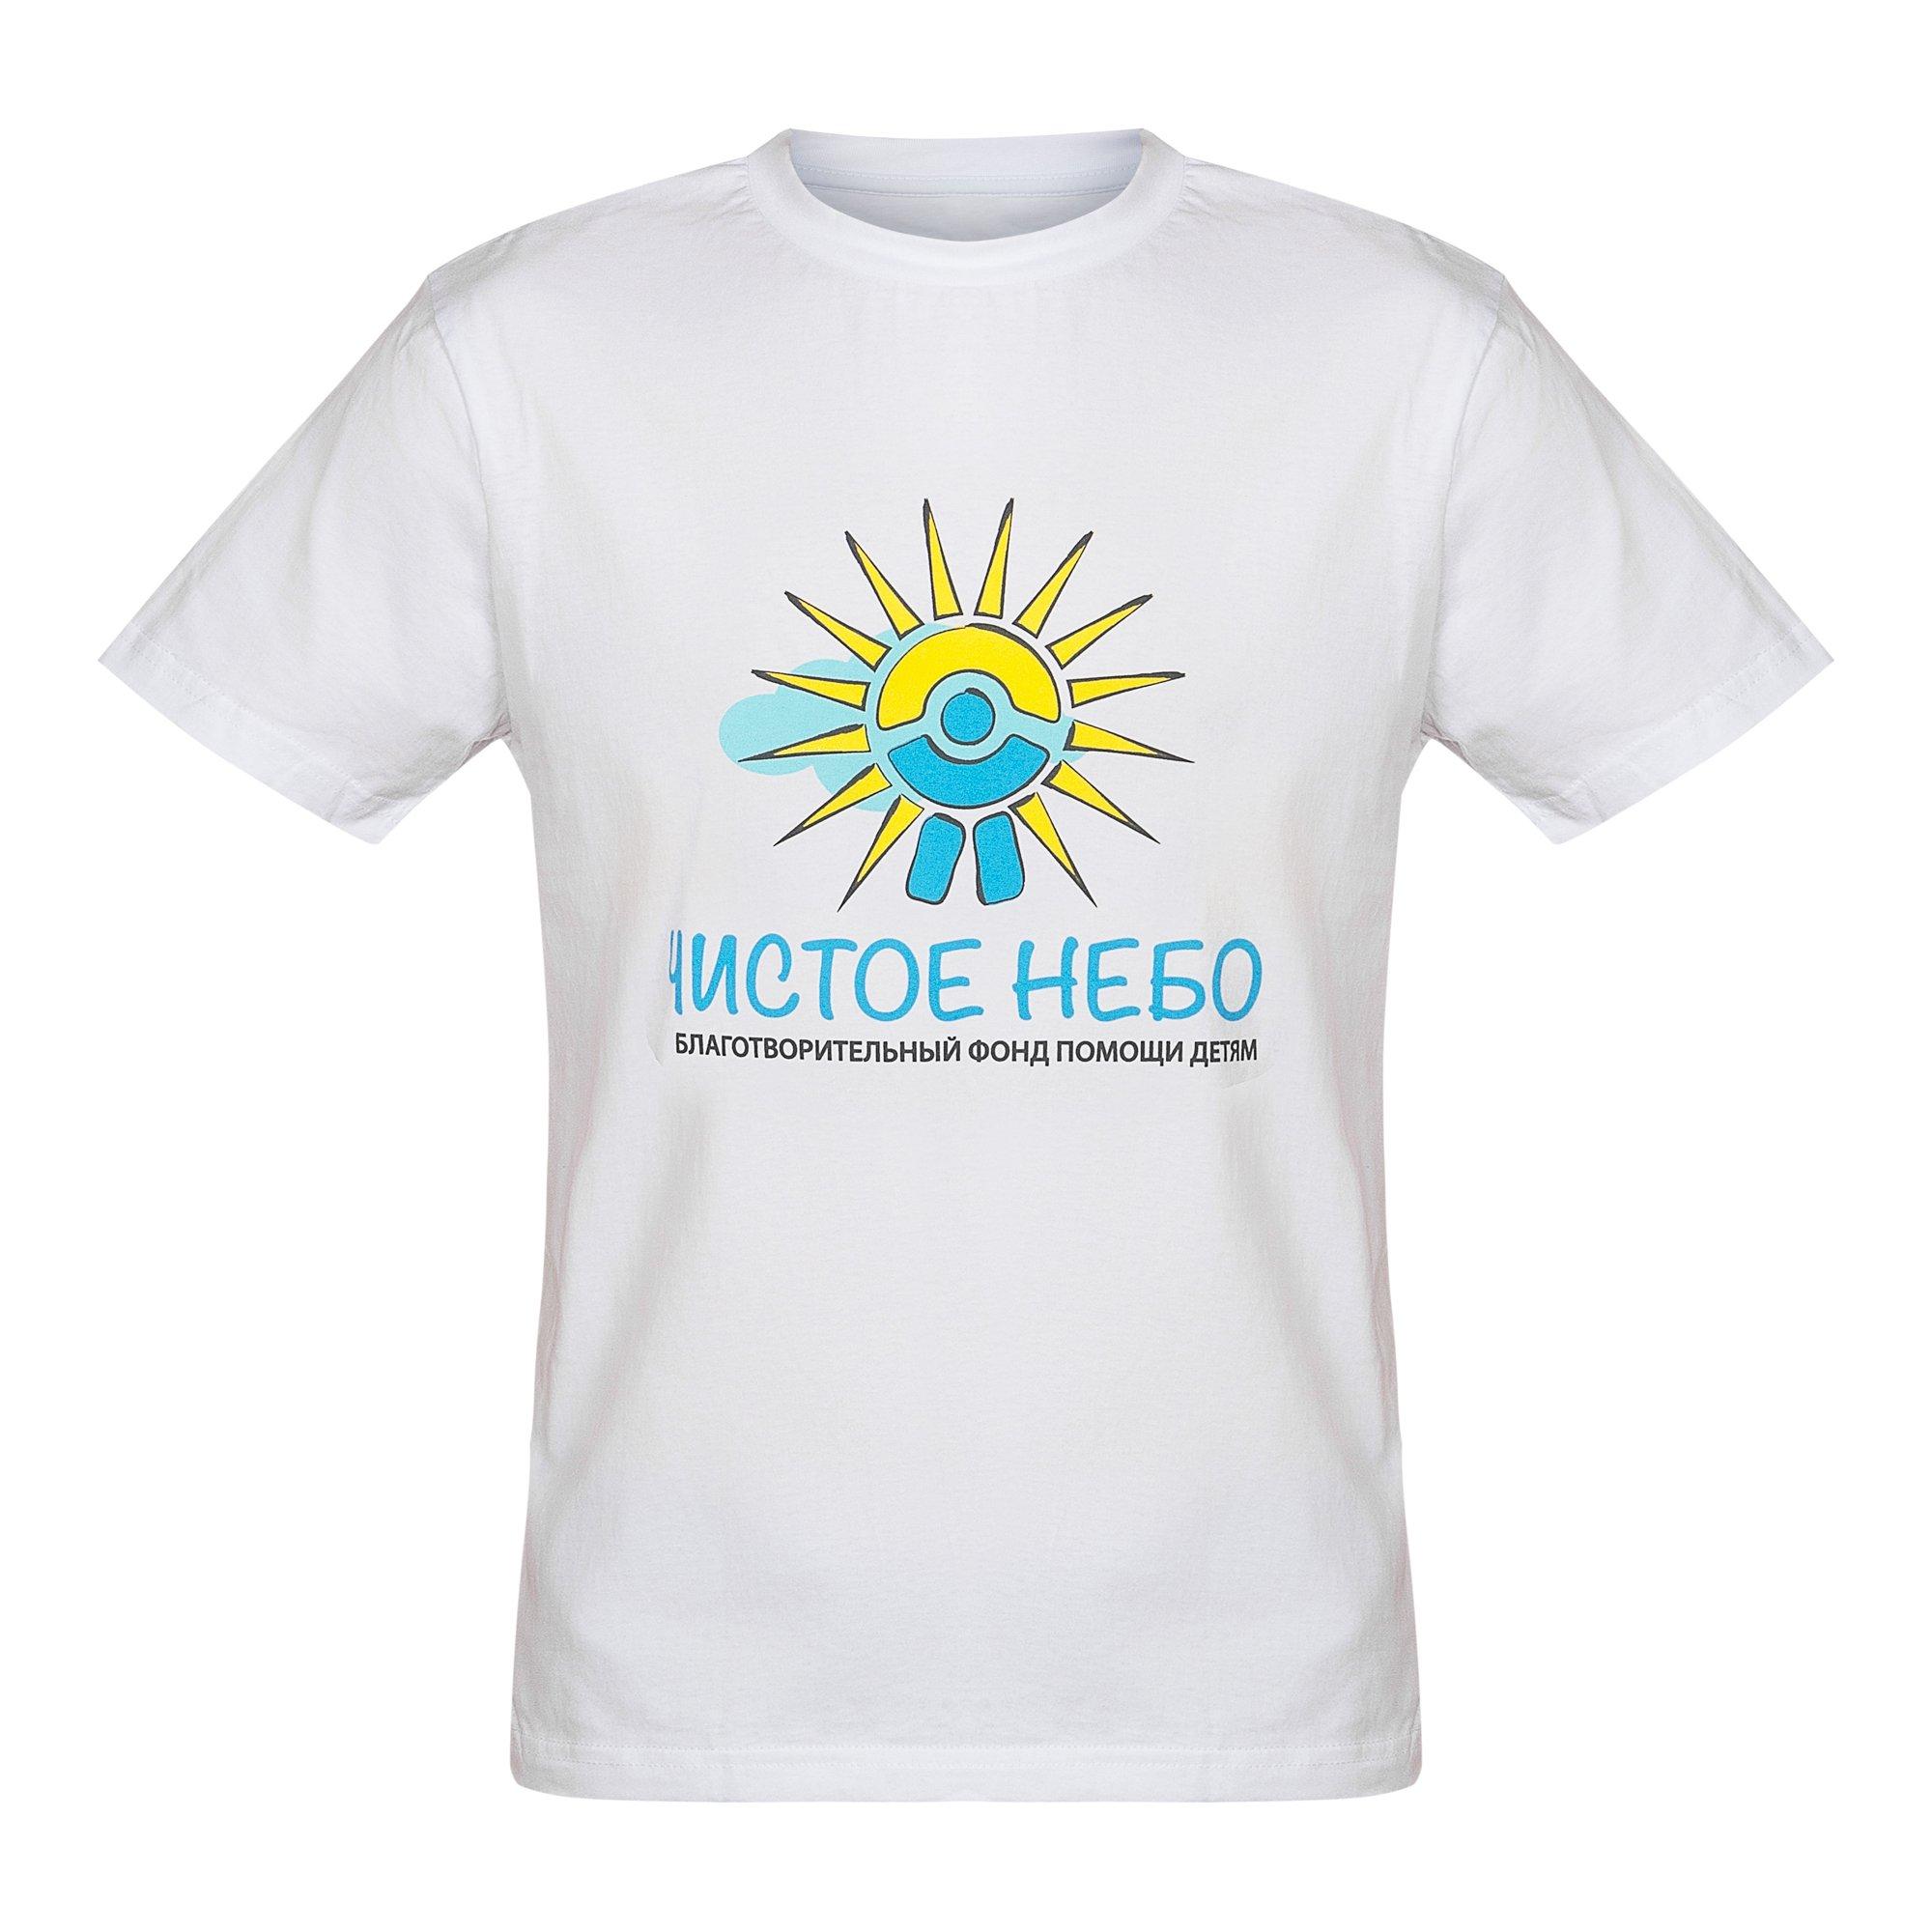 Срочная печать фото и логотипов на футболках в Москве | фото 3